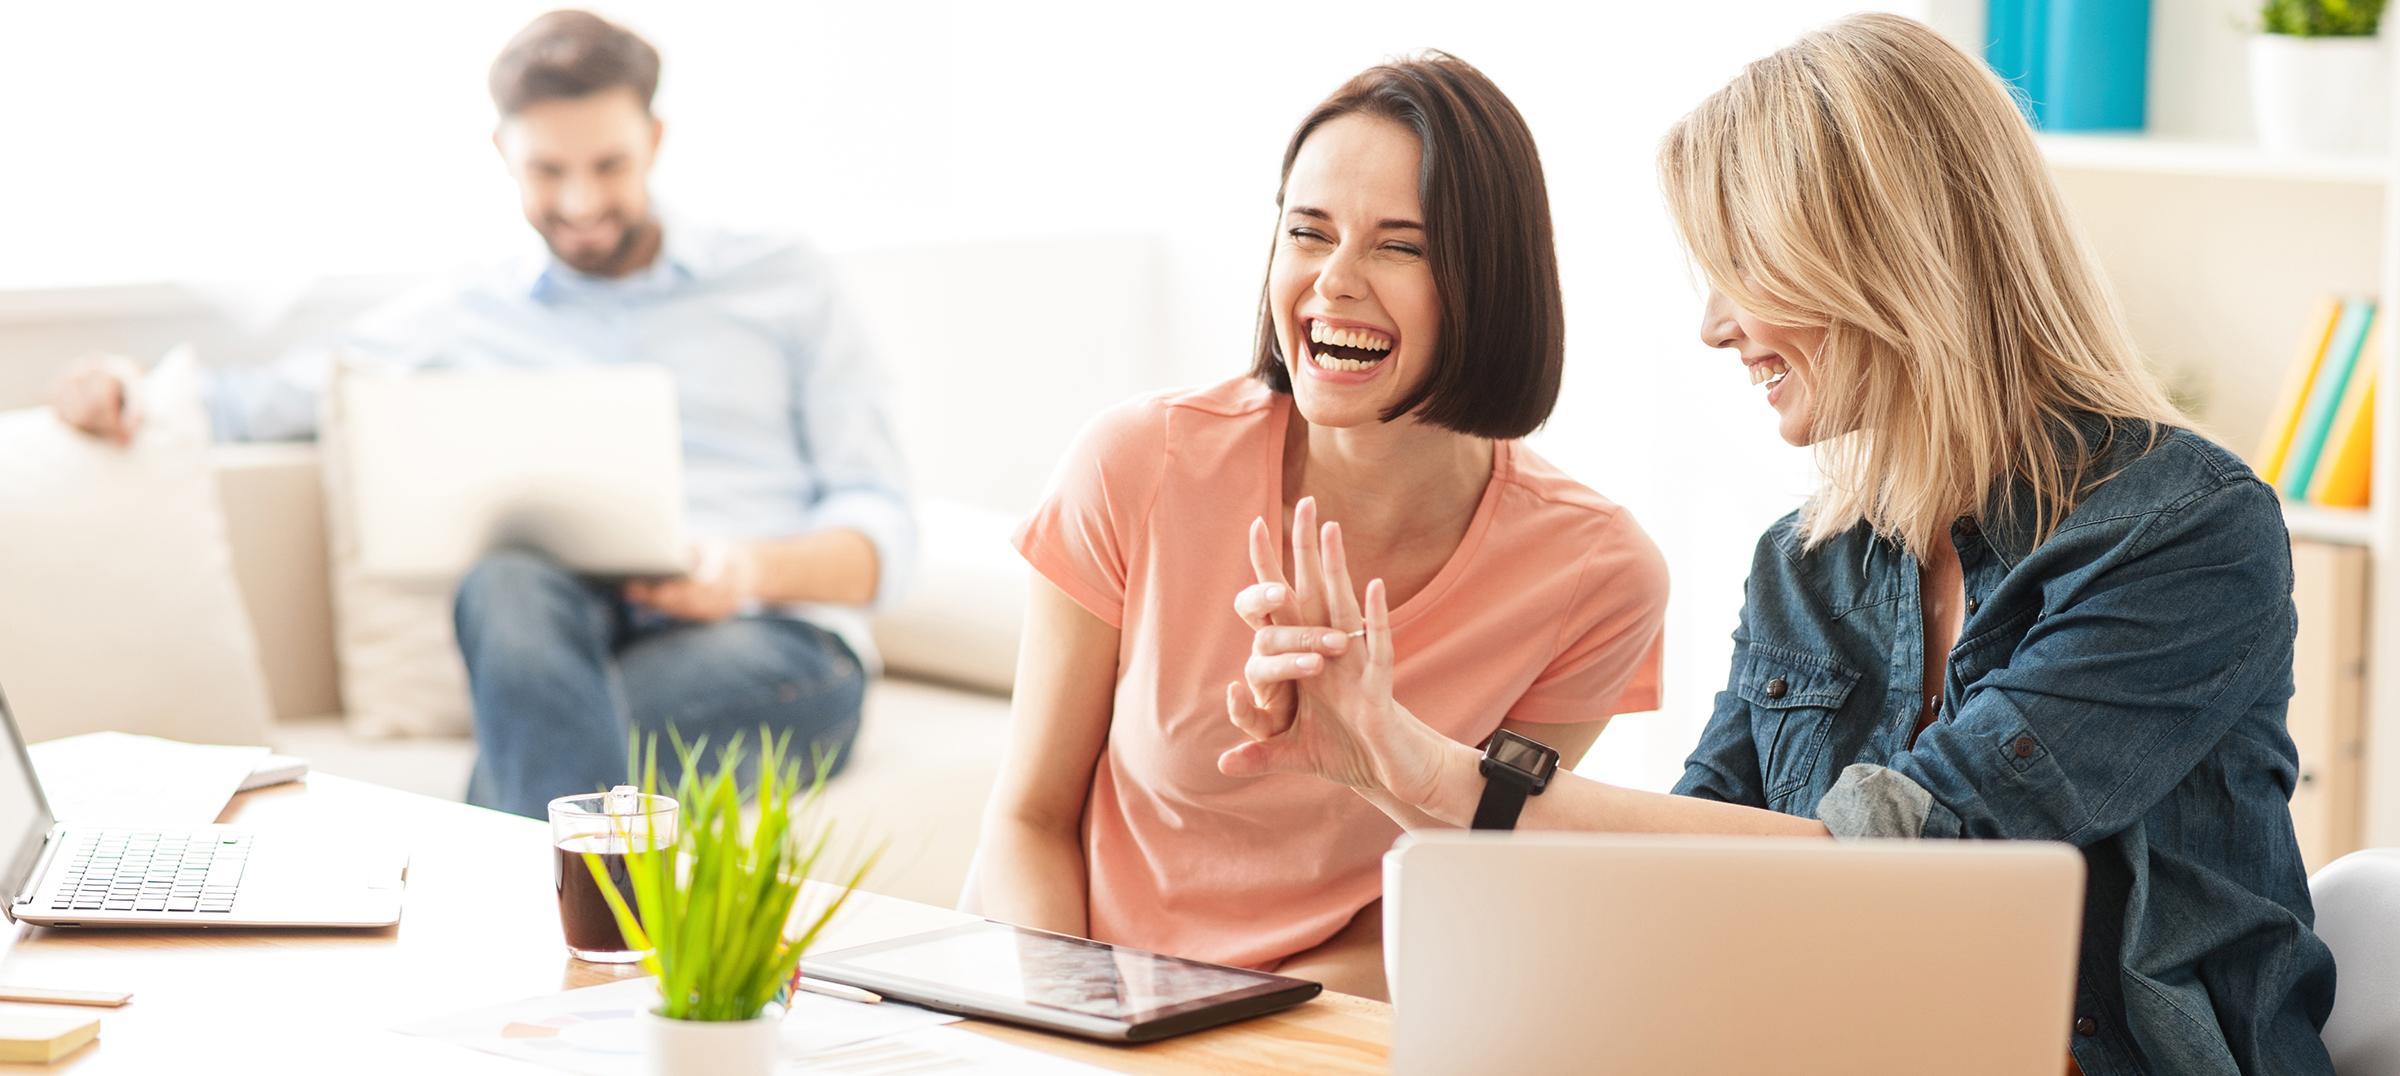 Club Marketing Help from Strategic Club Solutions